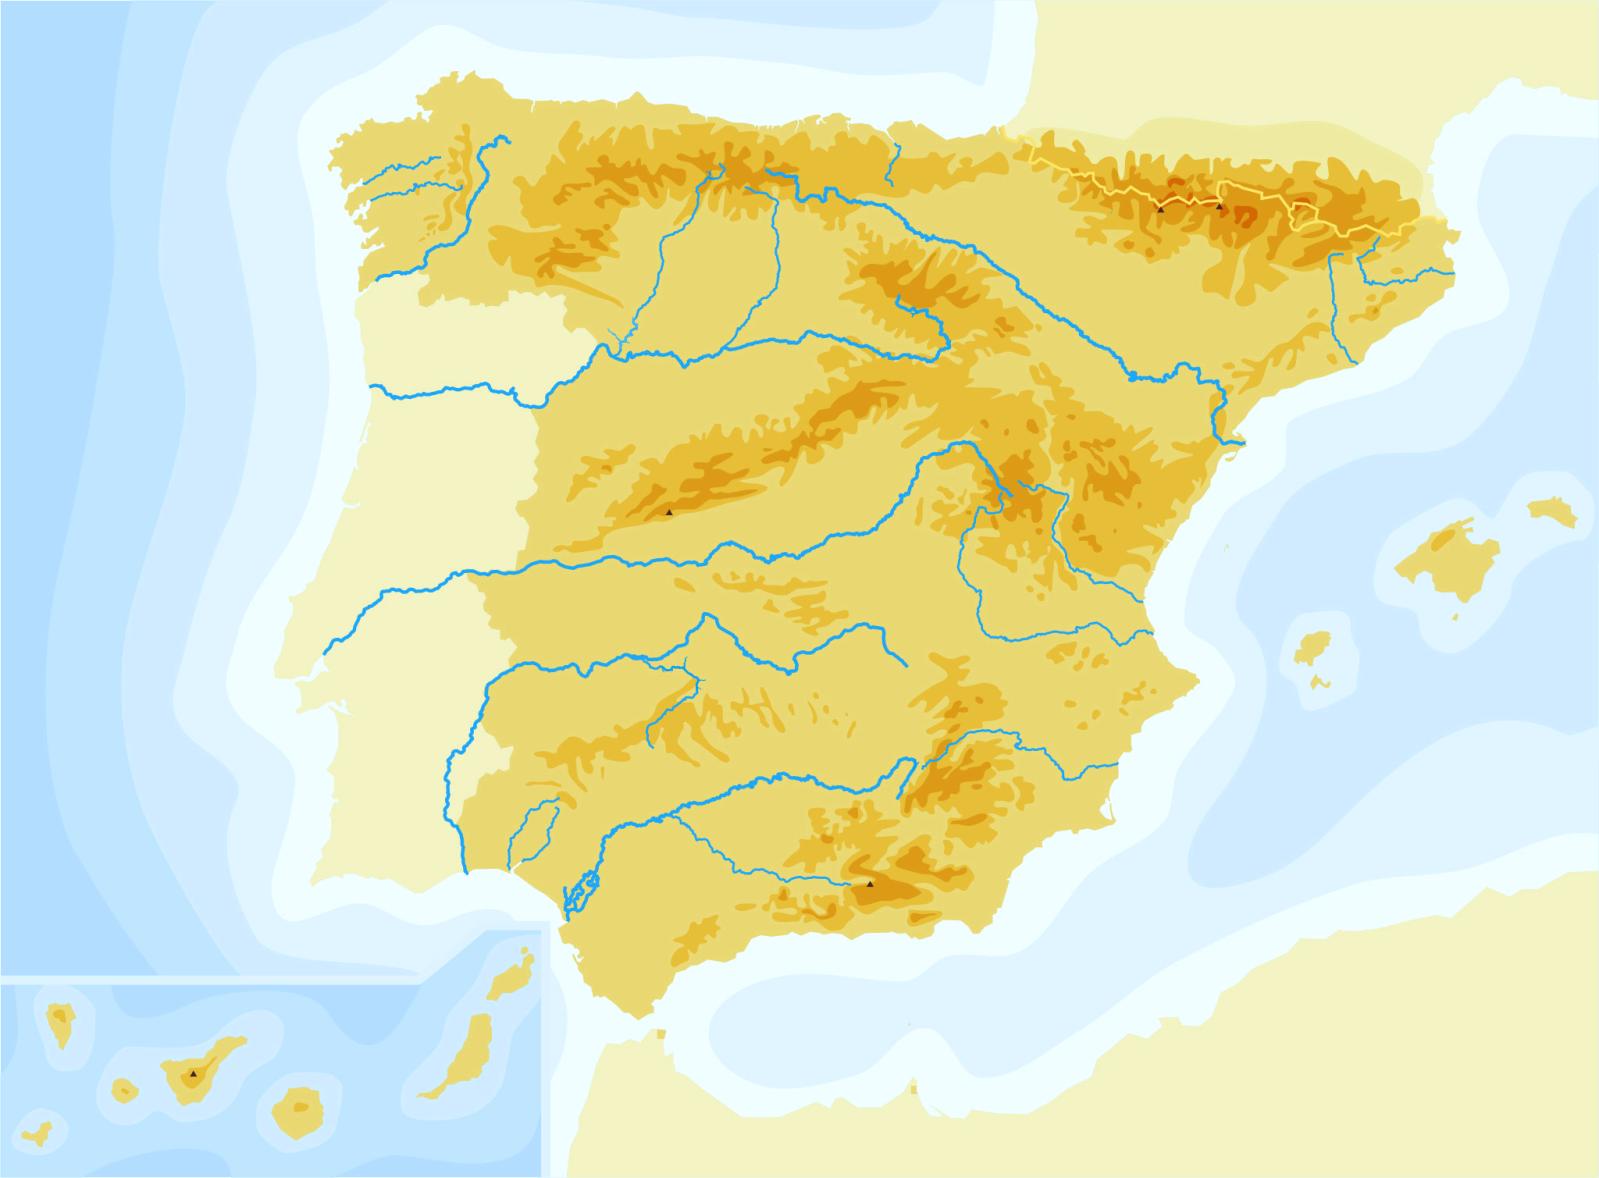 Mapa De España Físico.Juegos De Geografia Juego De Espana Mapa Fisico Cerebriti